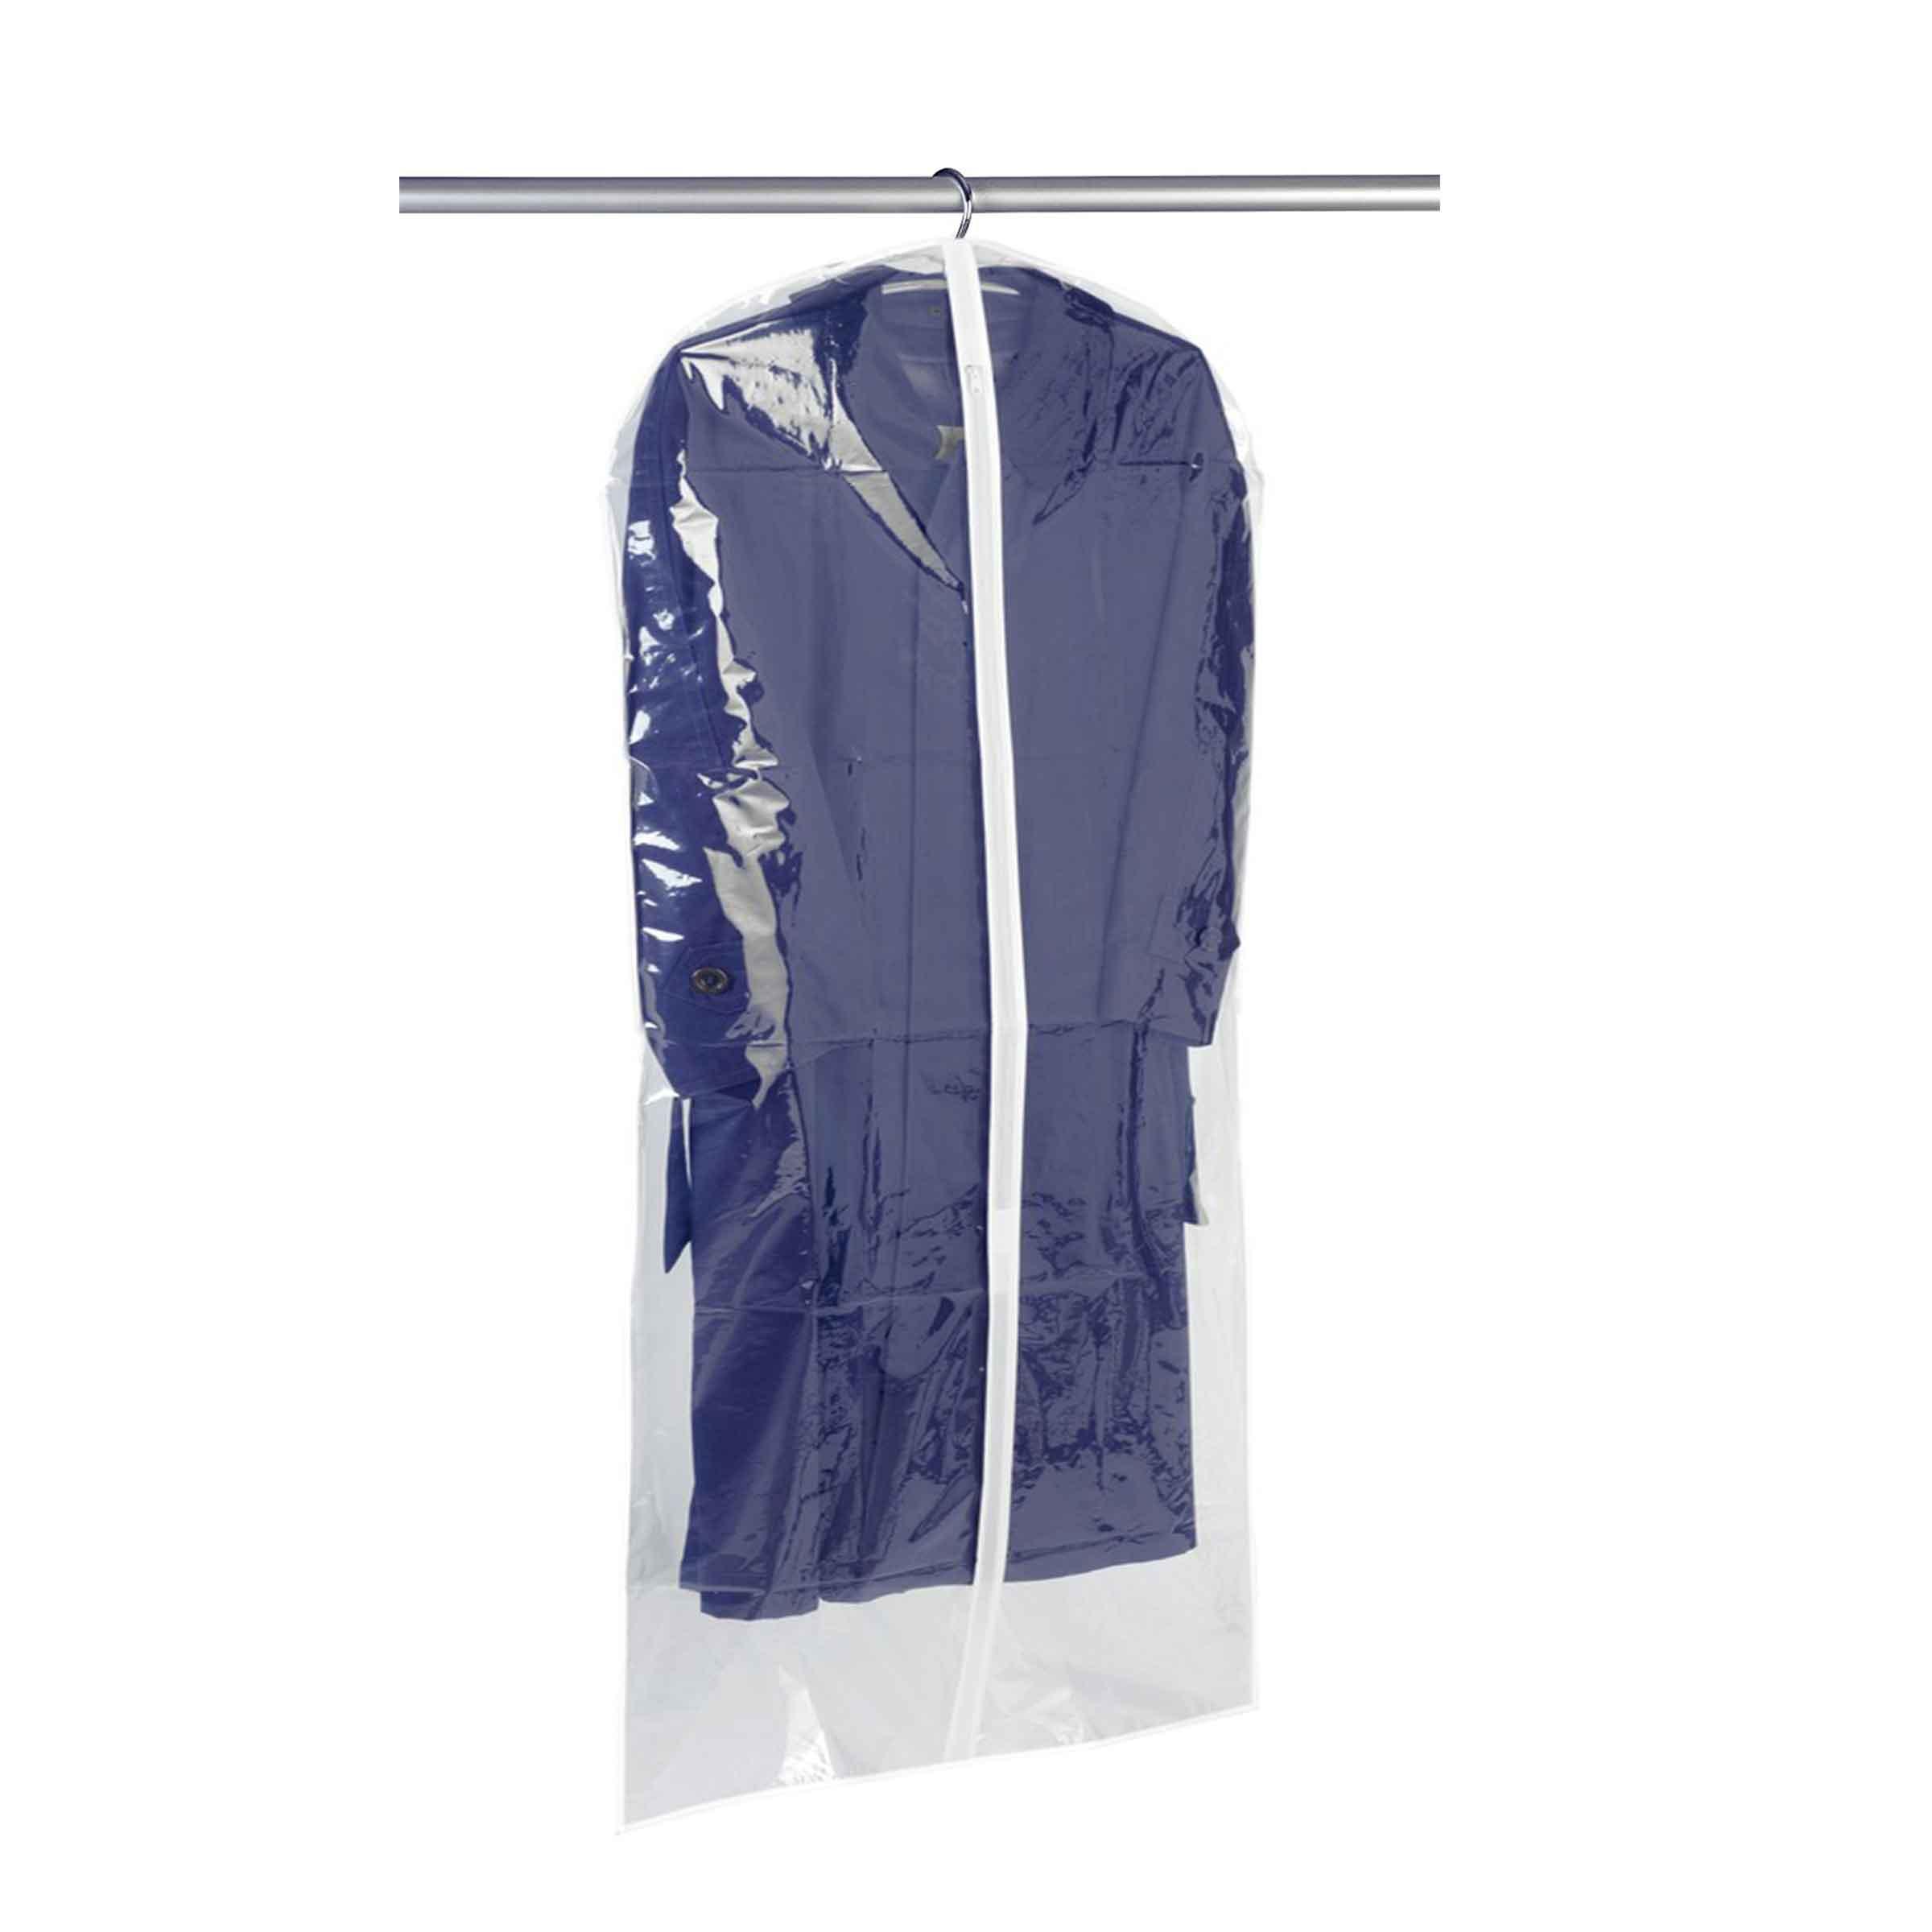 Housse pour grands vêtements à suspendre en plastique transparent